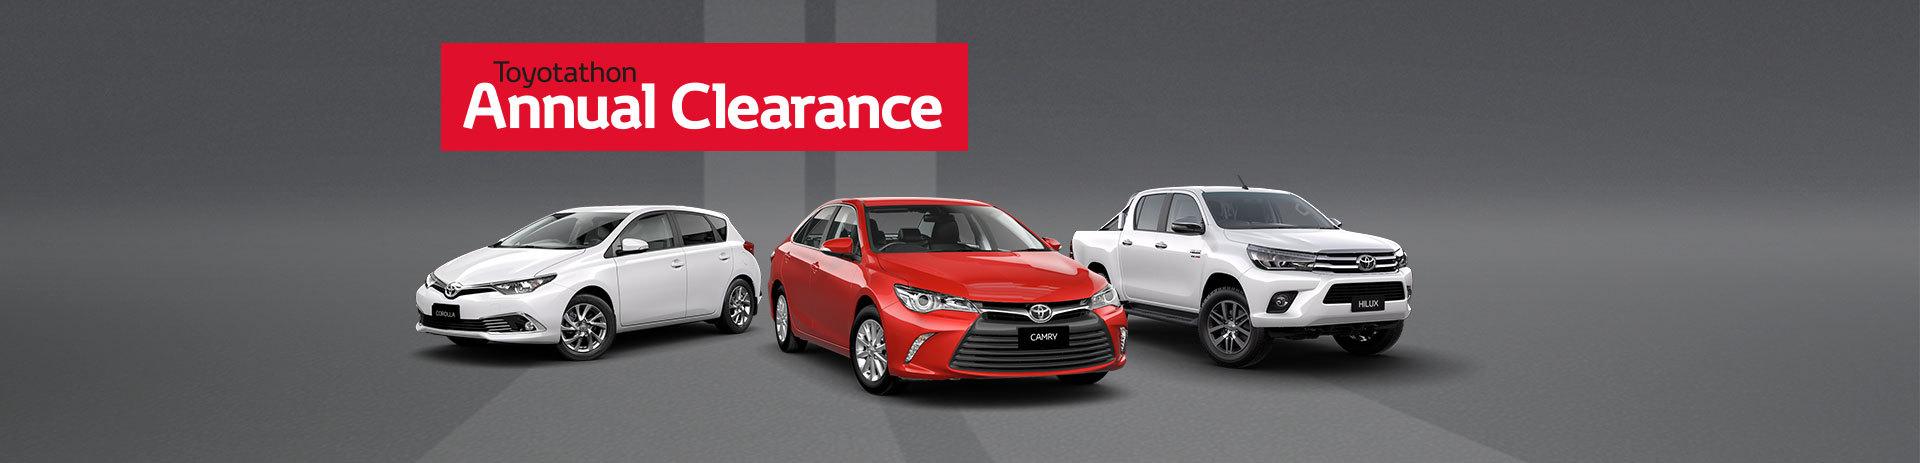 Toyotathon Annual Clearance